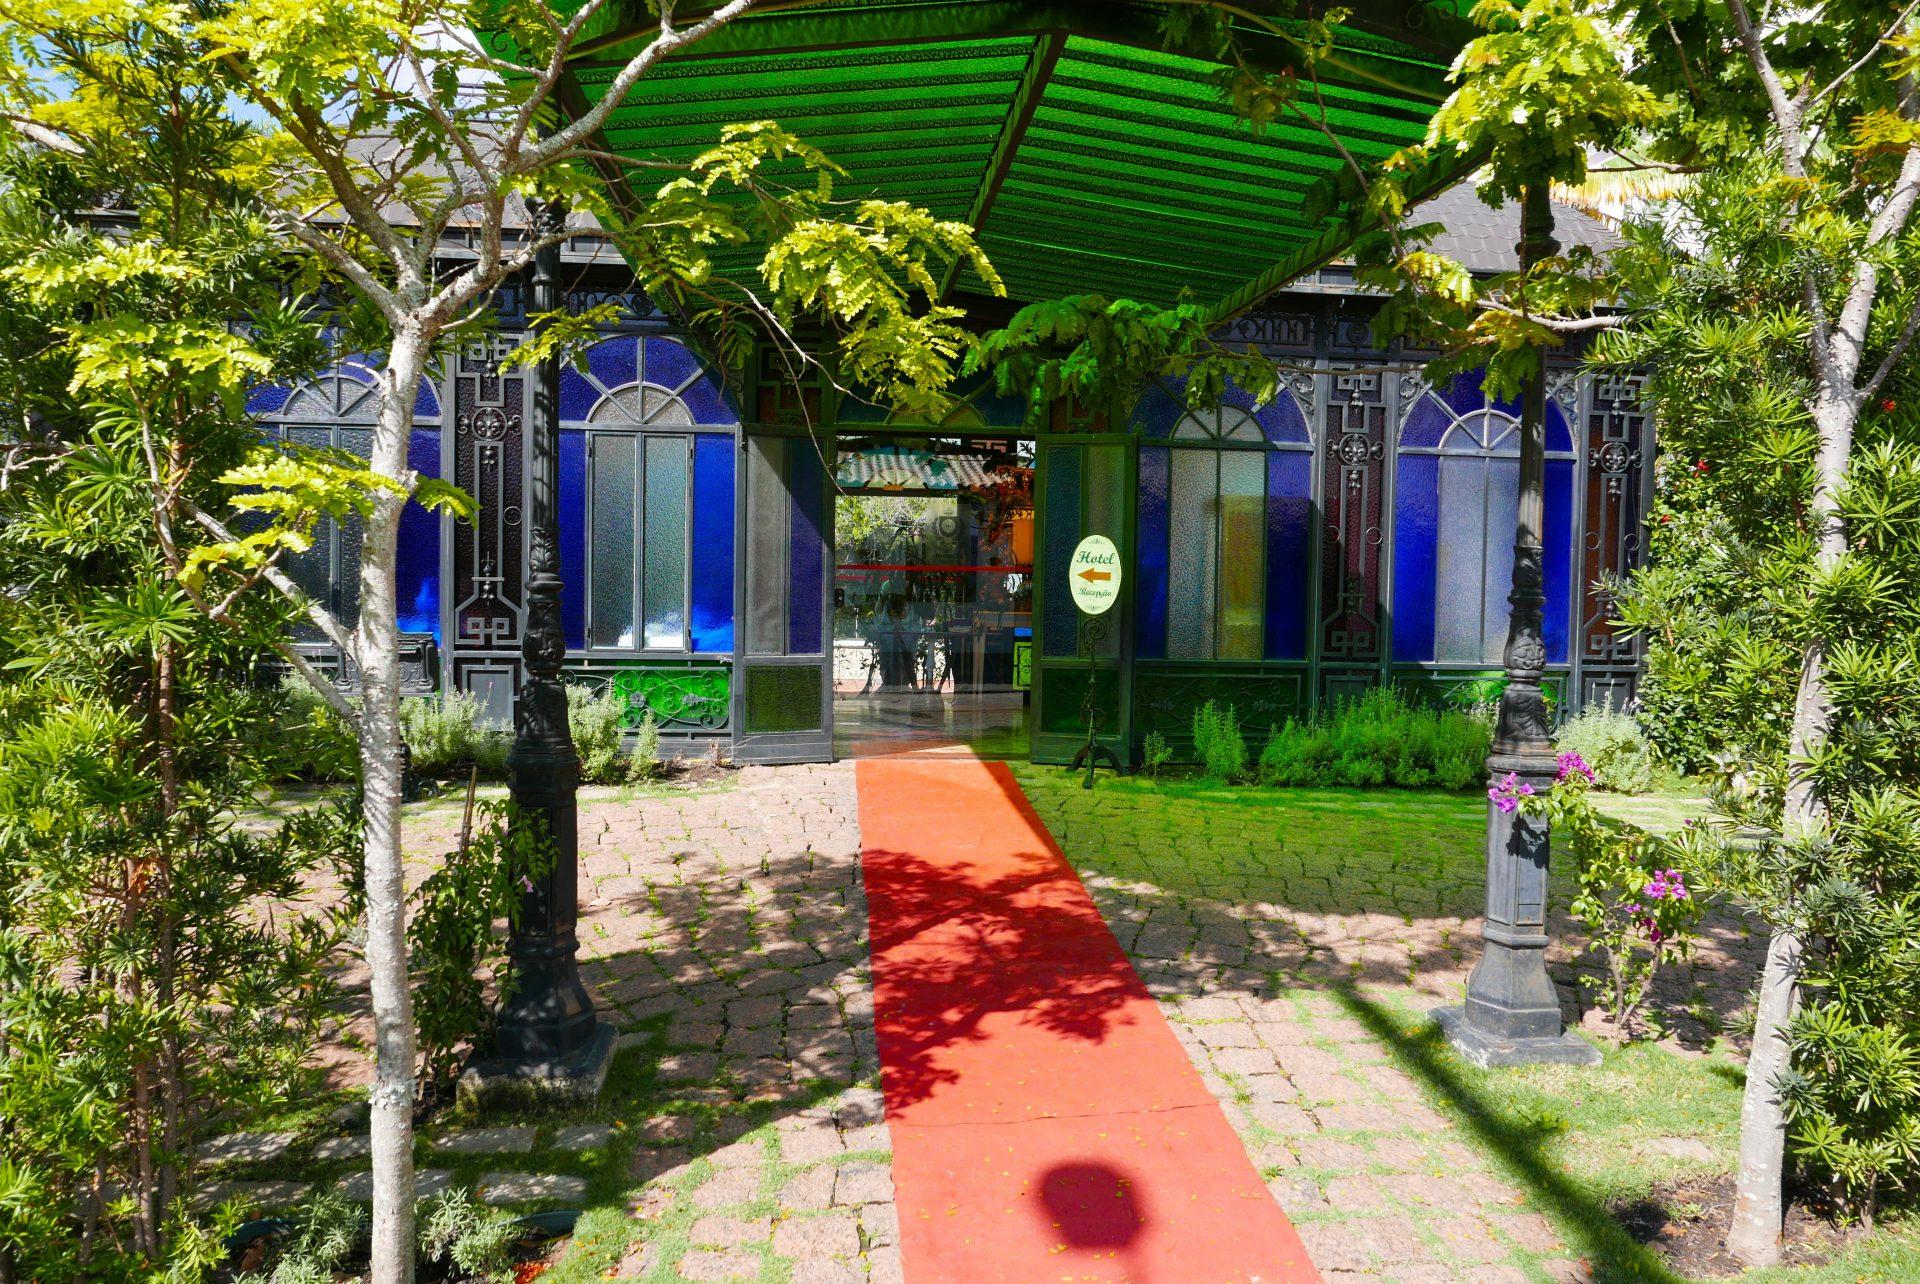 Tapete vermelho estendido para o hóspede, na entrada do Hotel Boutique Quinta das Videiras (Fotos: Claudia Tonaco)